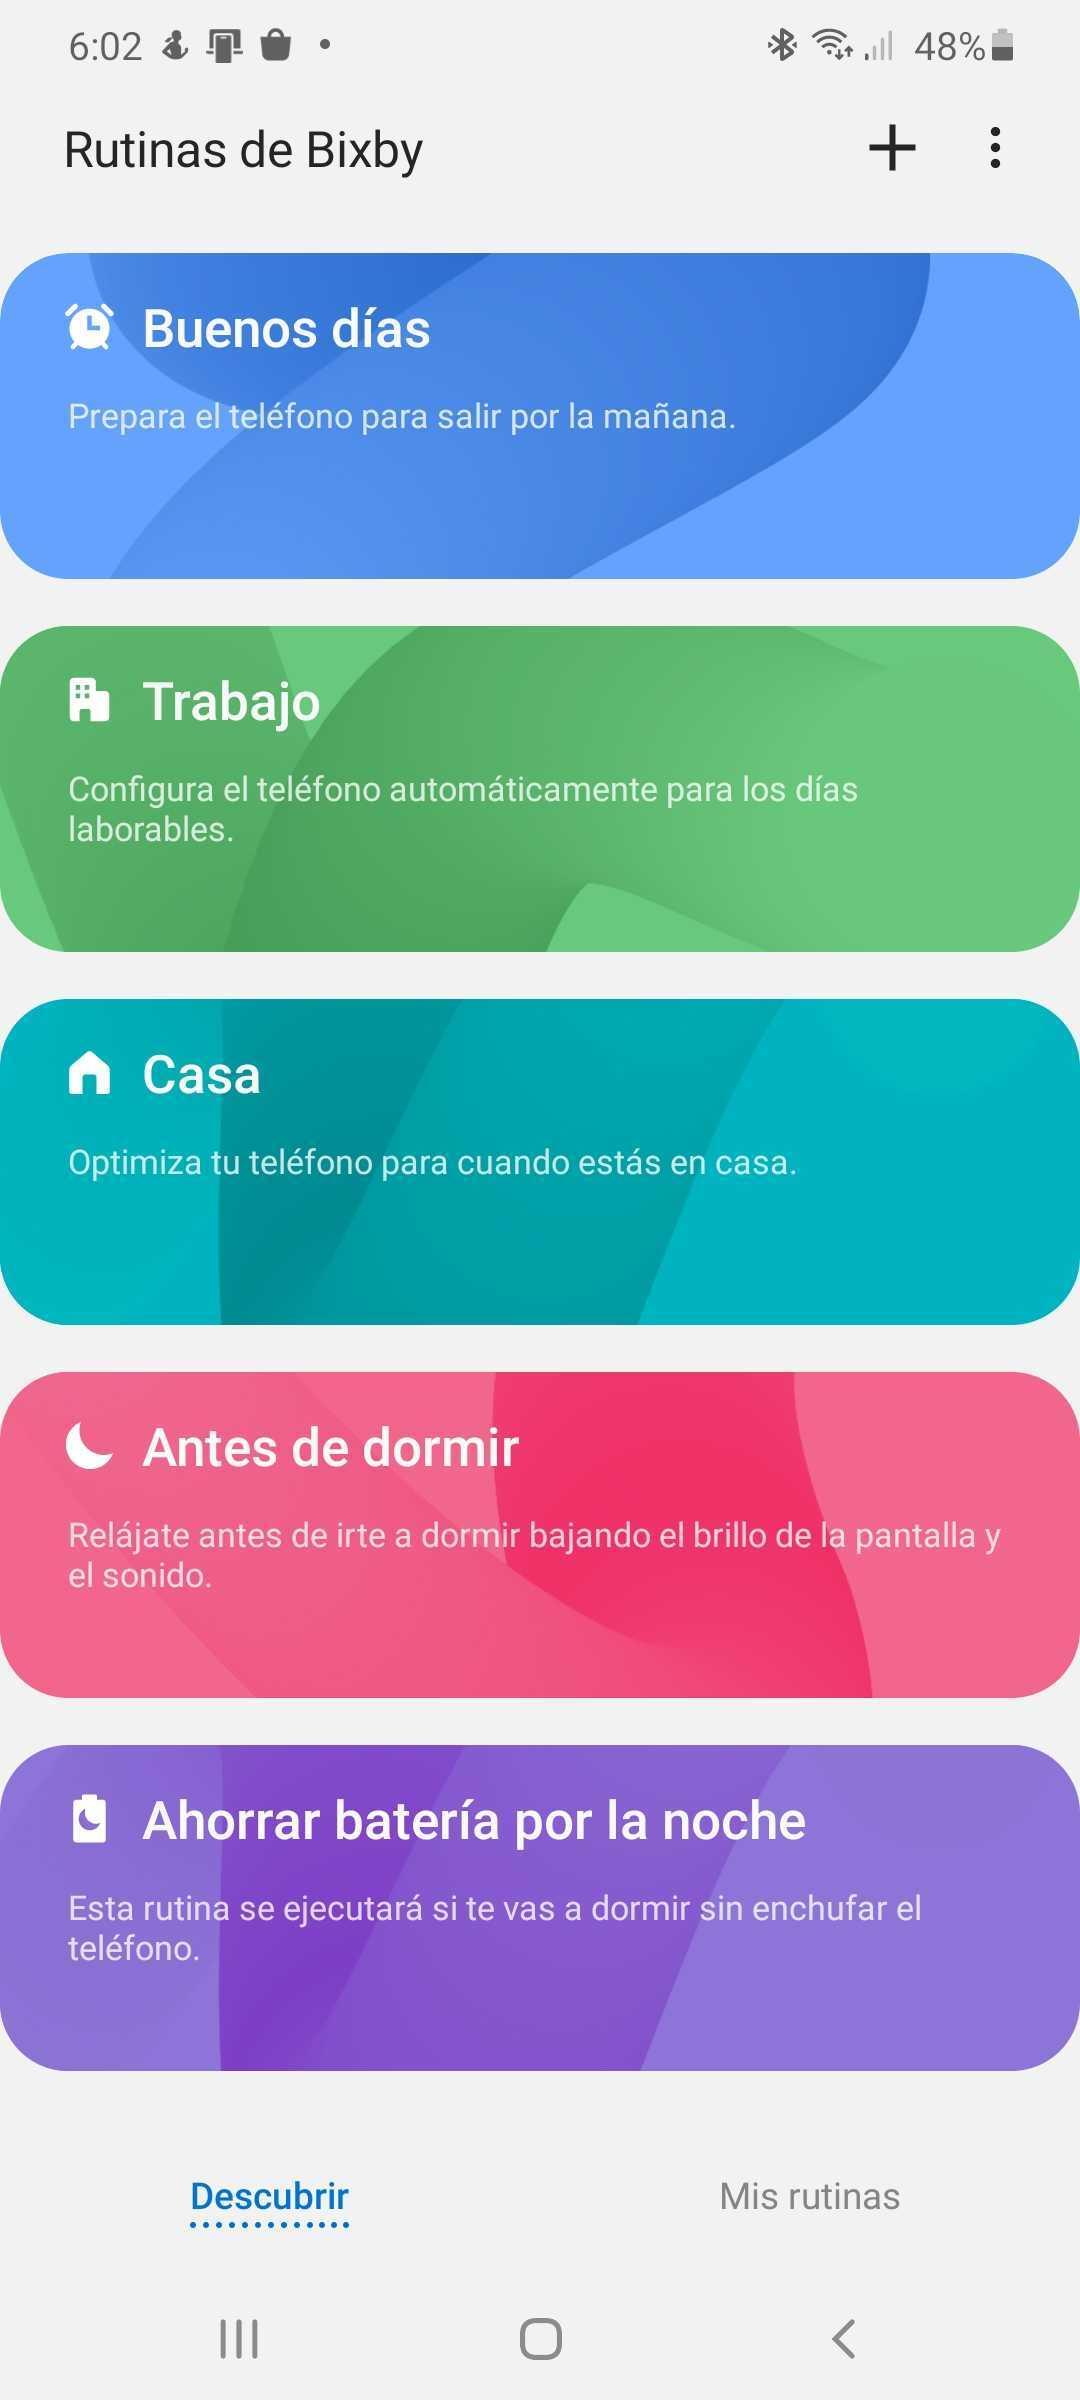 rutinas de bixby